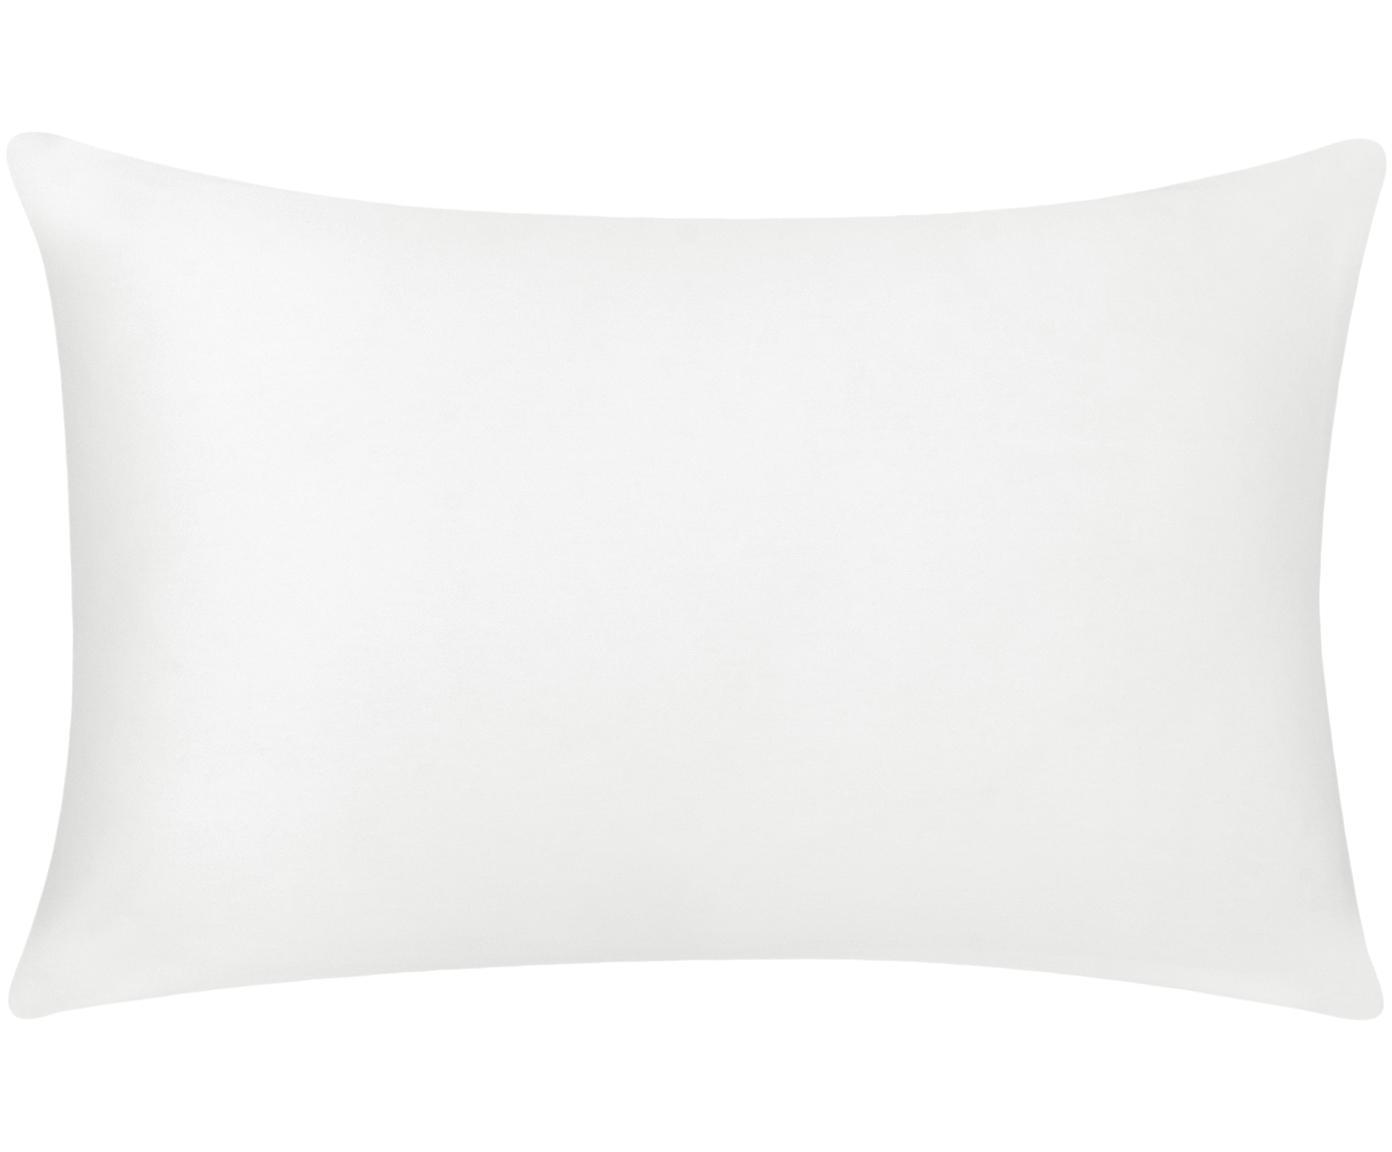 Poszewka na poduszkę z bawełny Mads, Bawełna, Biały, S 30 x D 50 cm